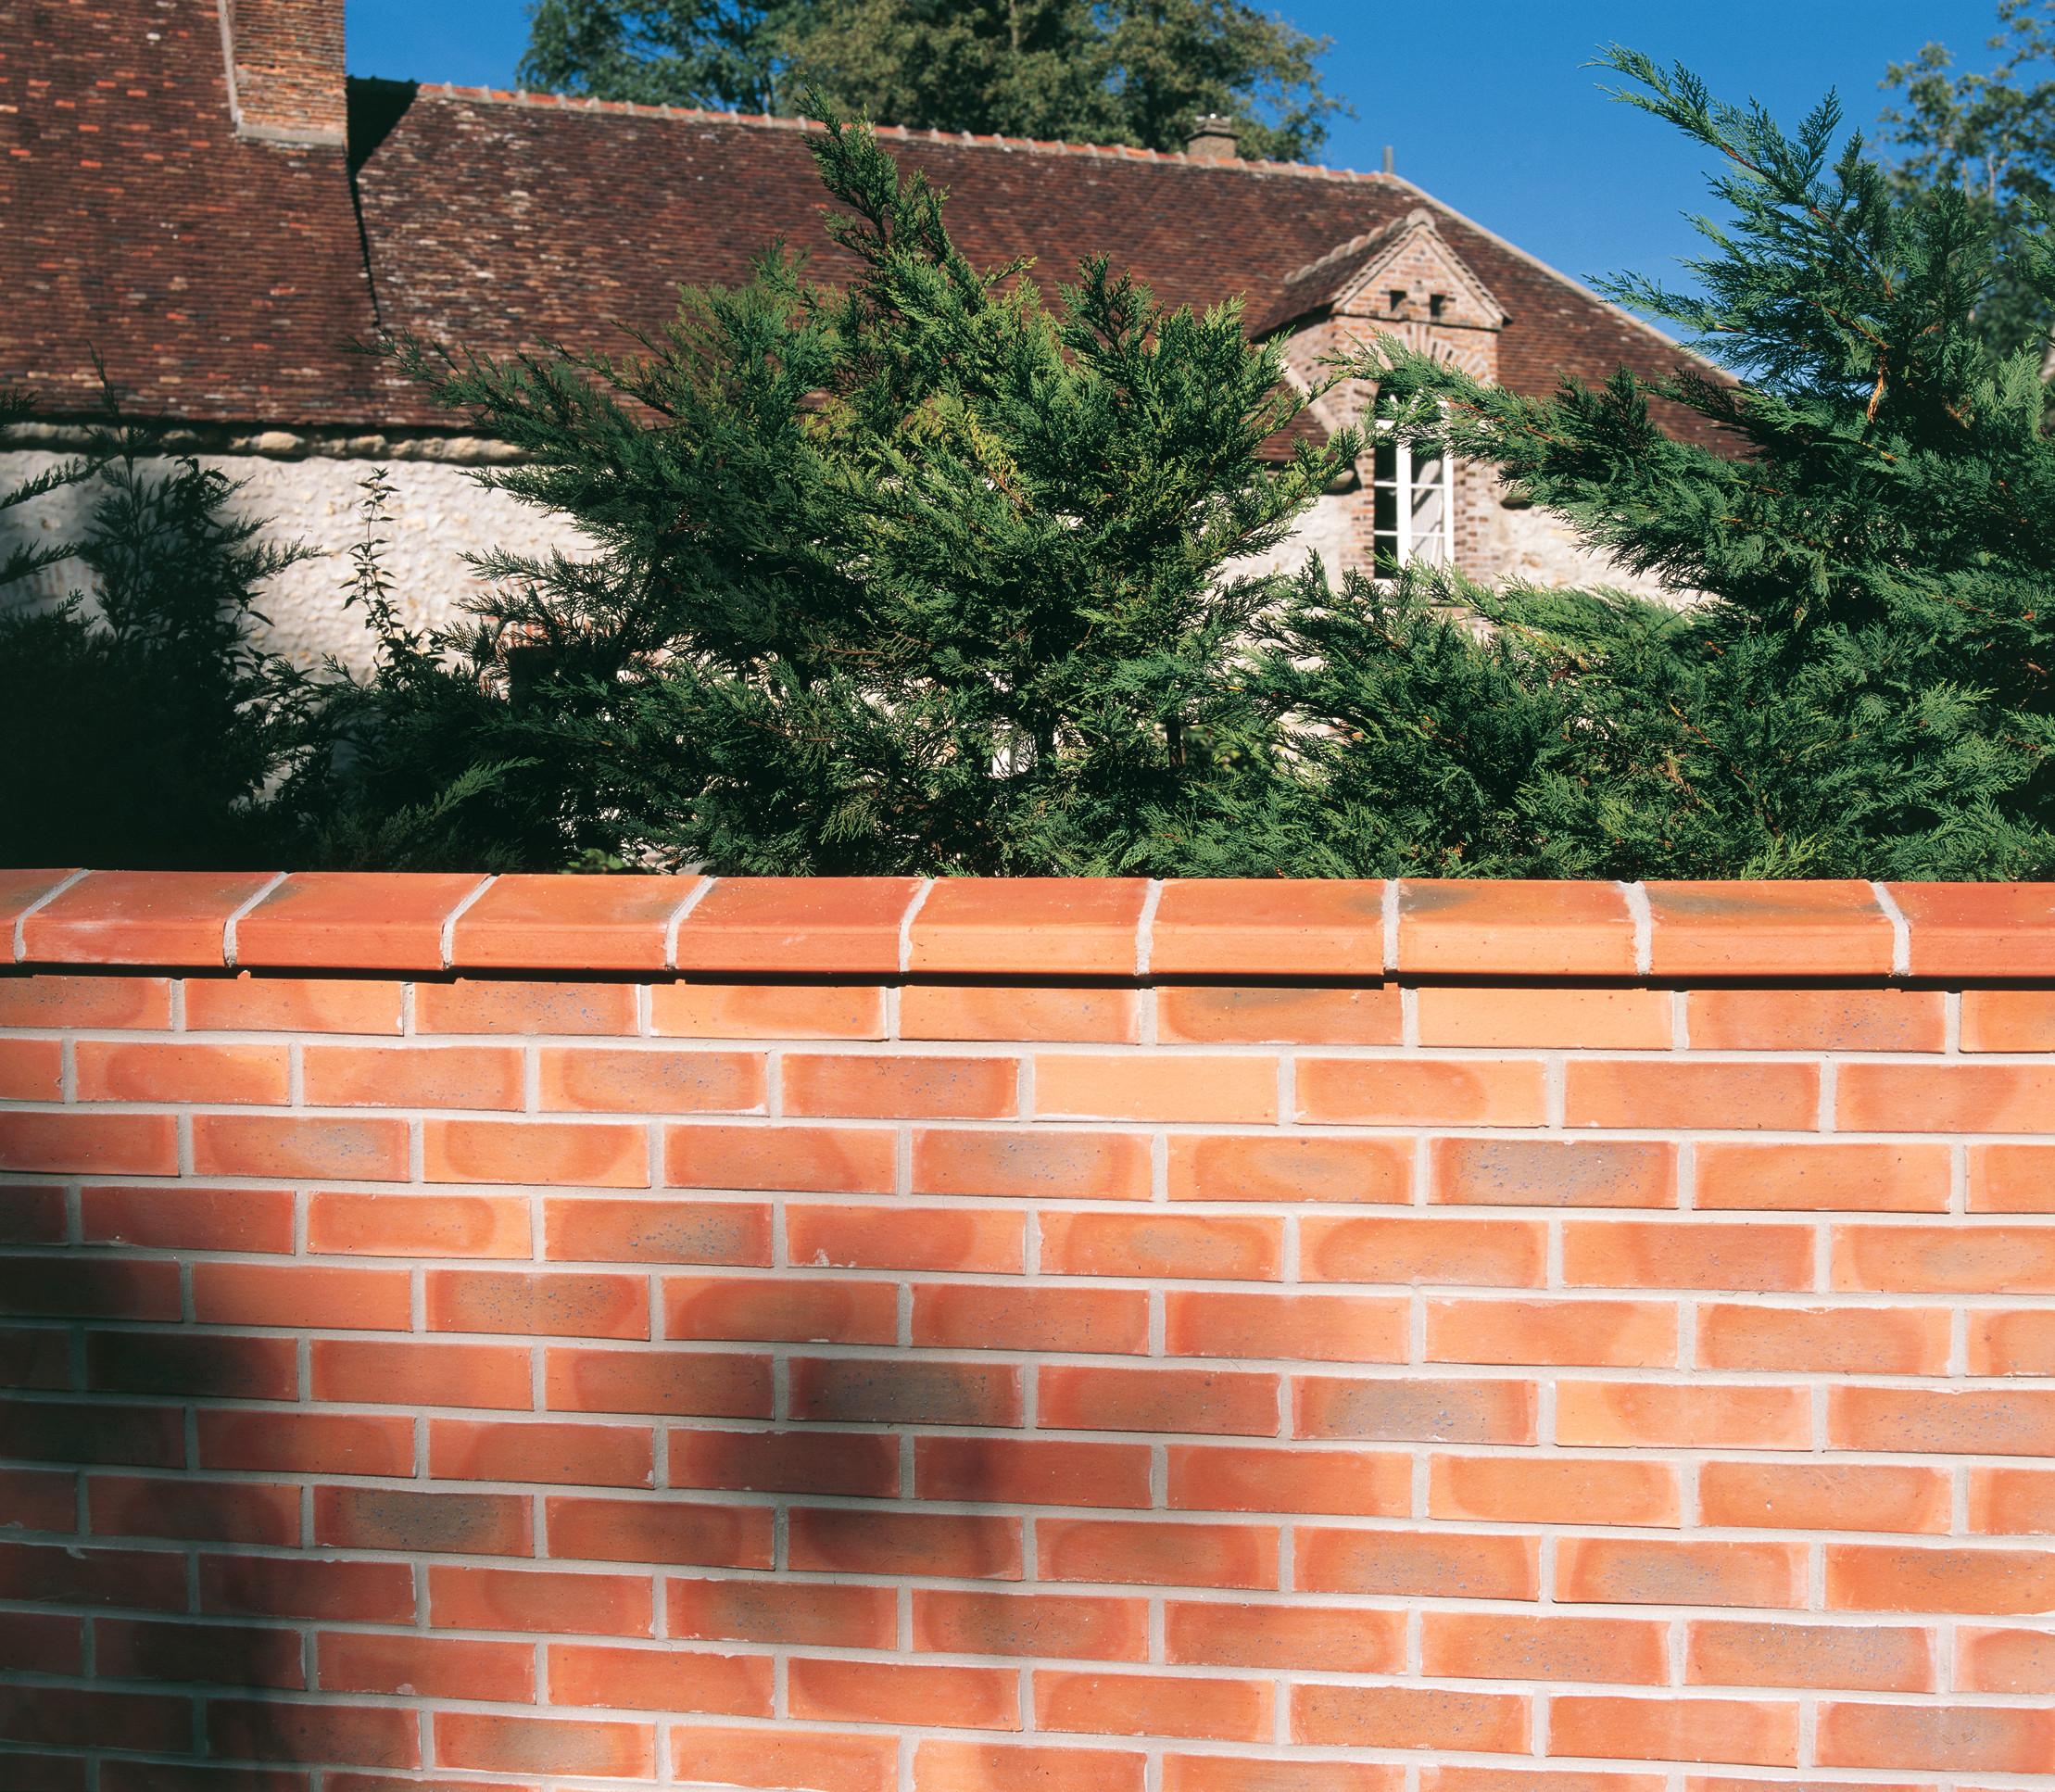 Fixation Antenne Tv Brico Depot Beau Photographie Ides Dimages De Fixation Parabole Brico Depot